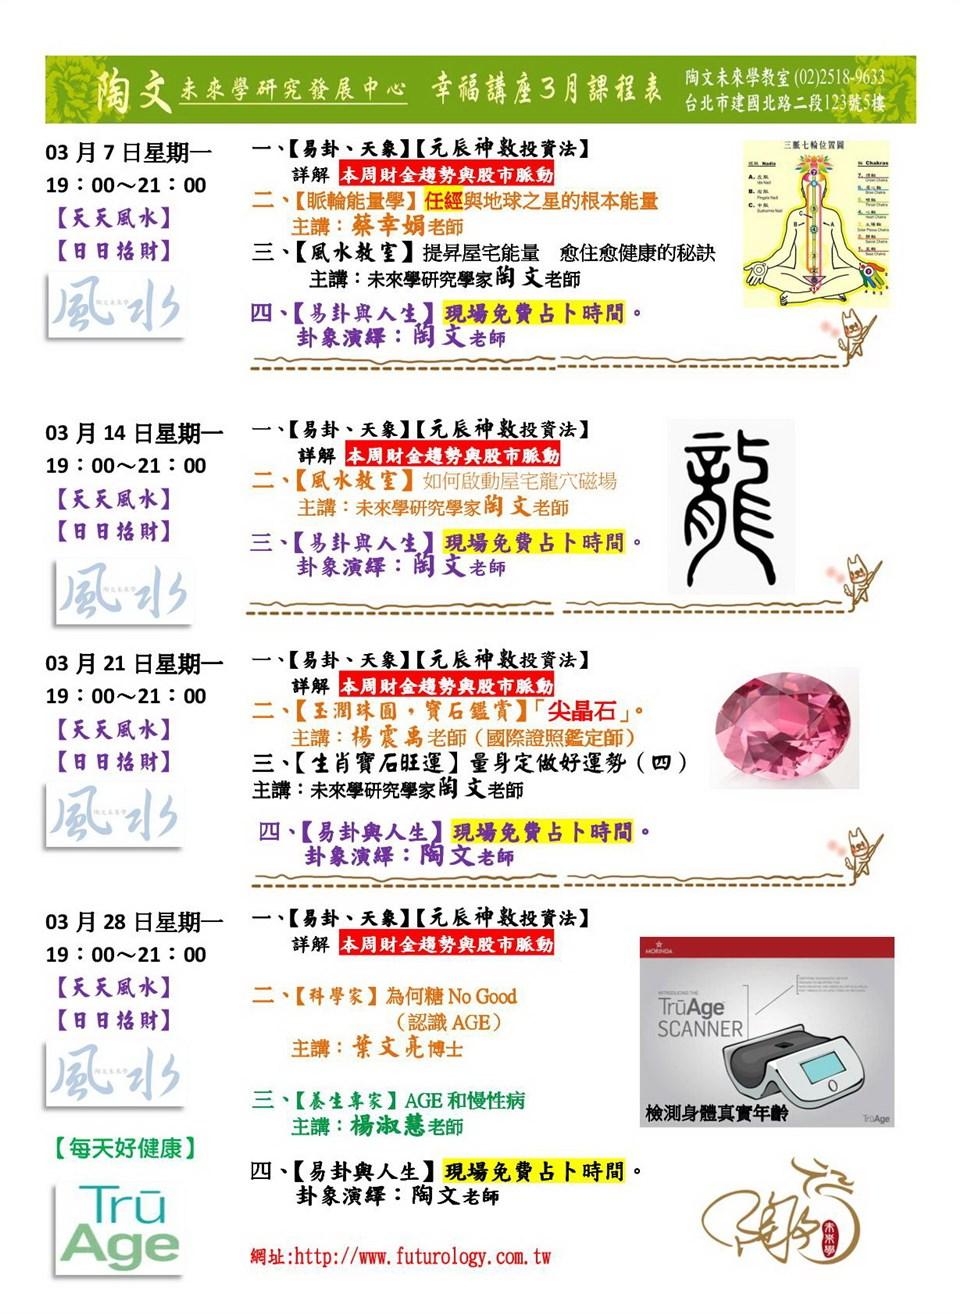 【每週學風水,每日招好運】03月課程表